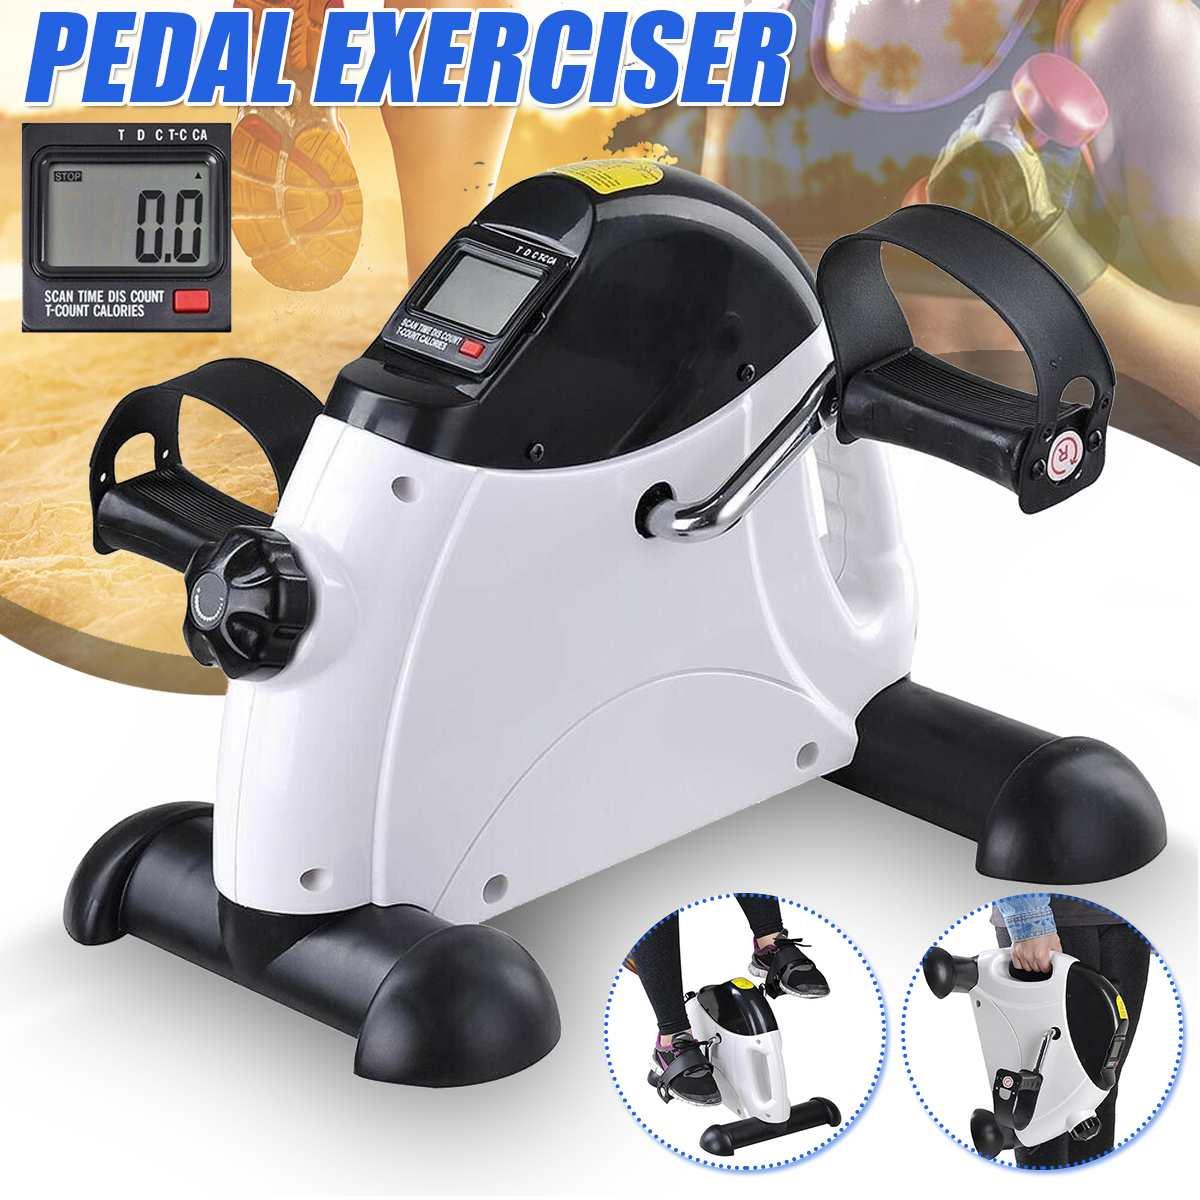 Мини-тренажер для педалей с ЖК-дисплеем